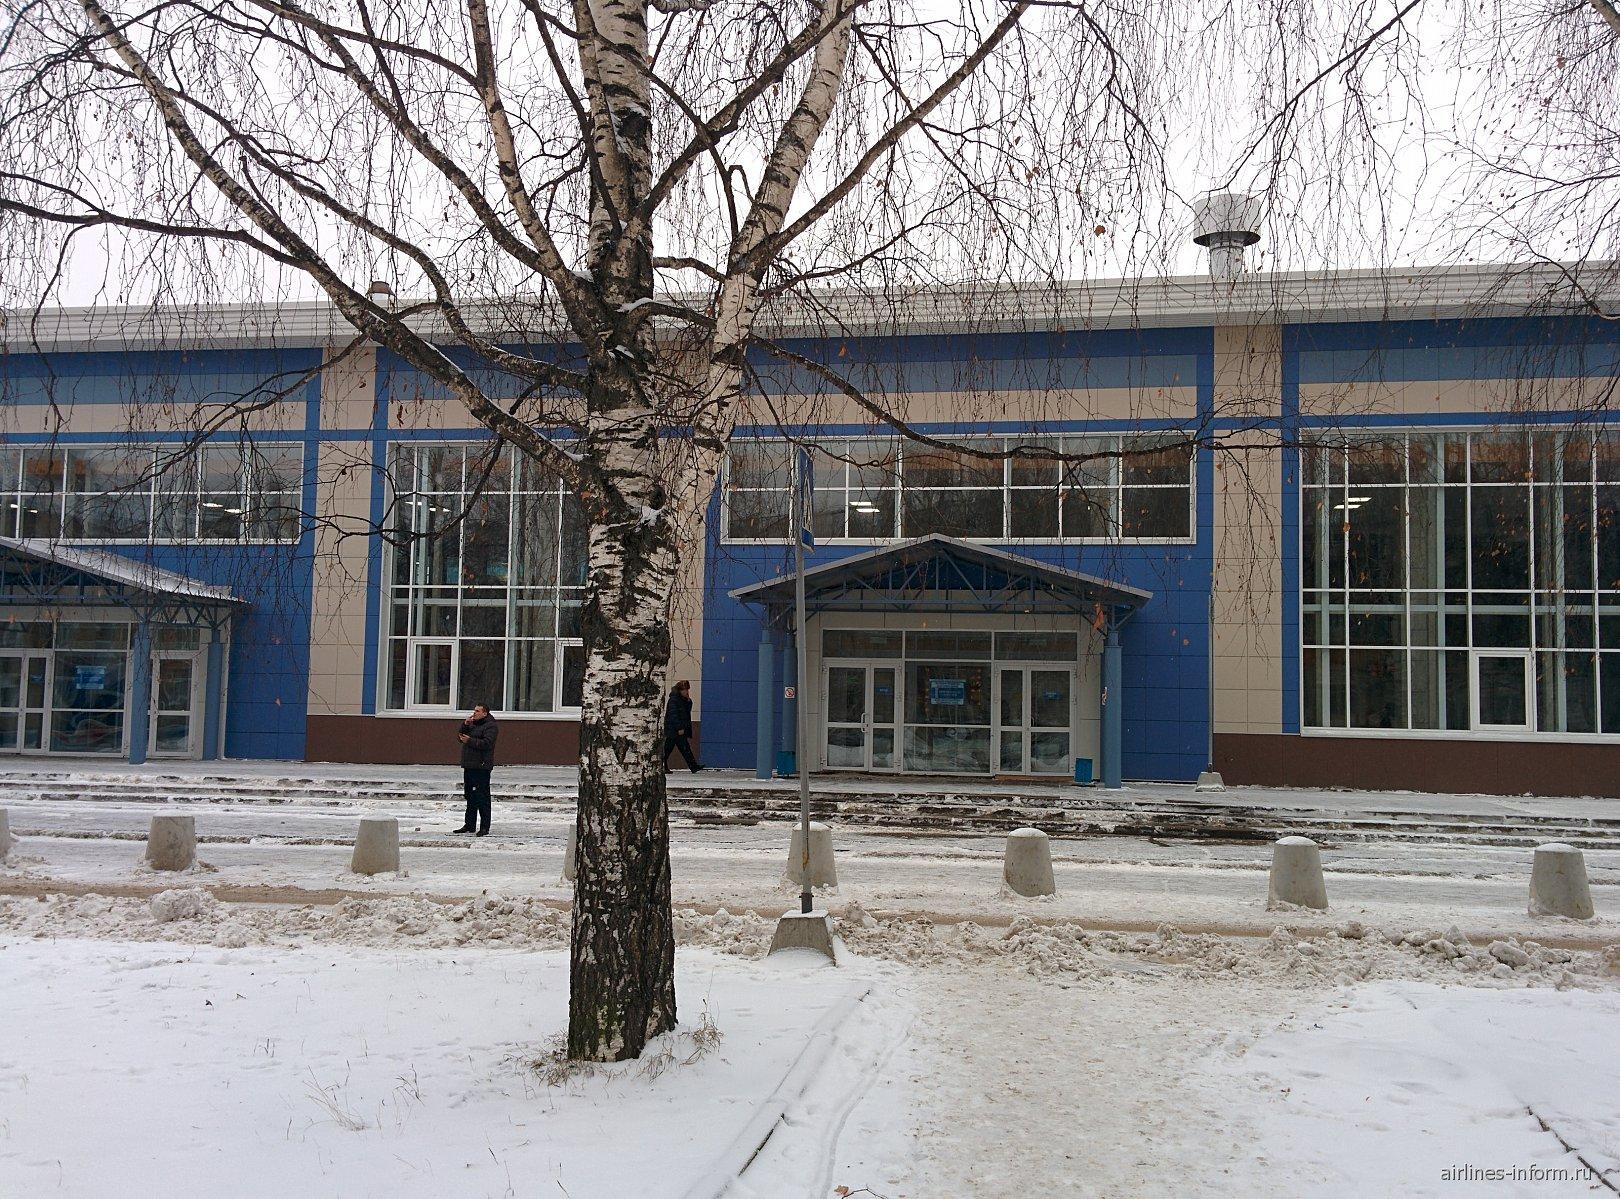 Терминал внутренних рейсов аэропорта Сыктывкар